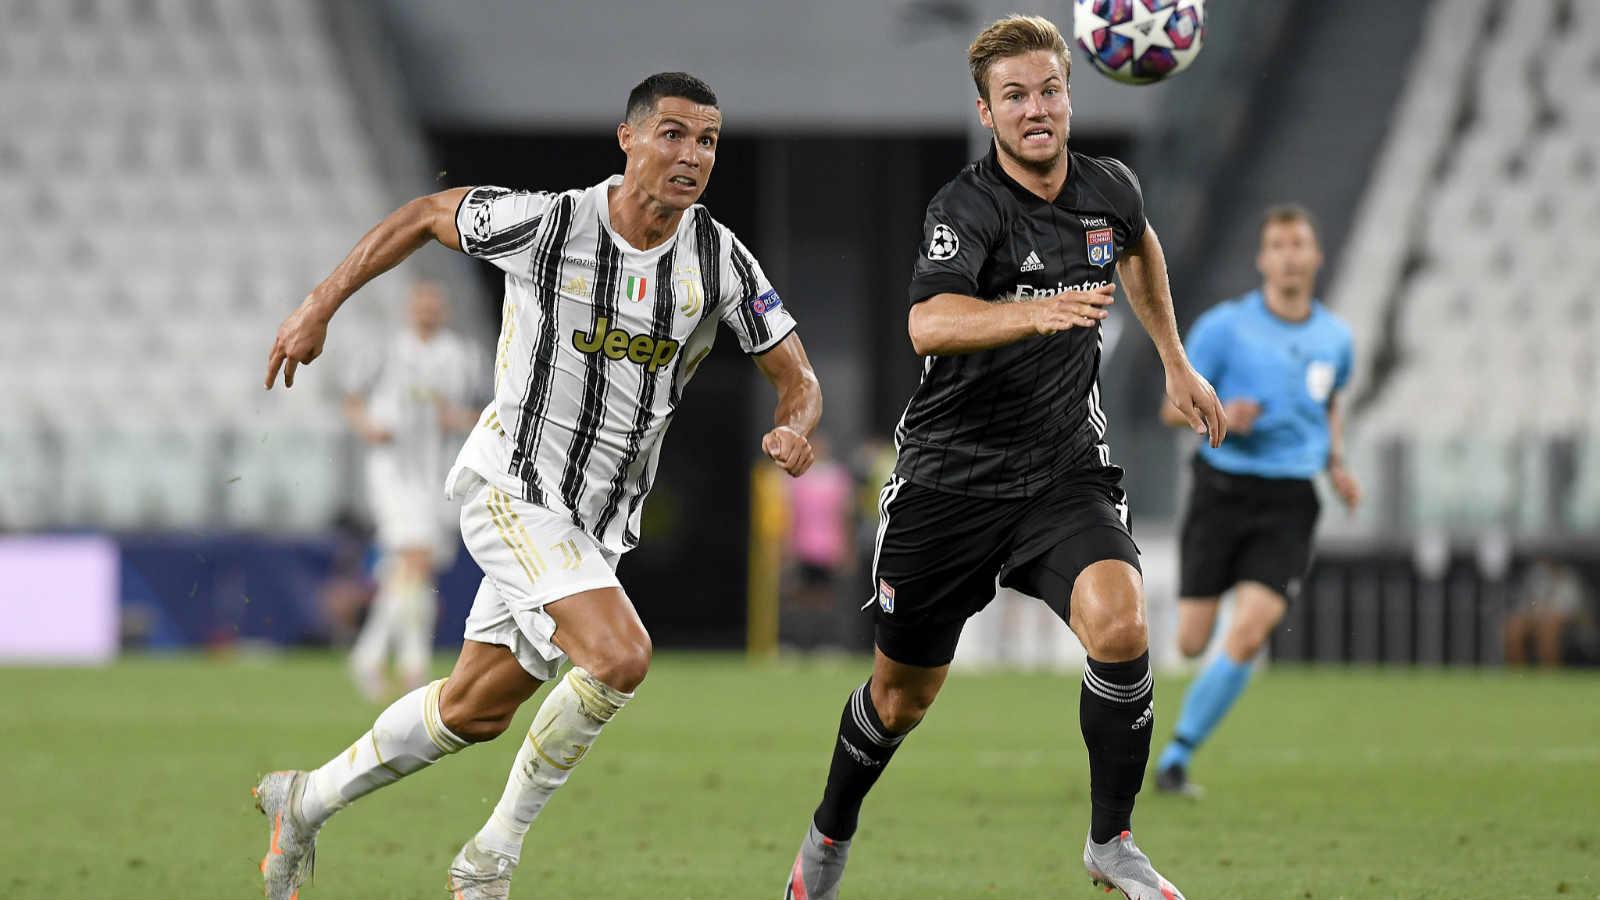 欧冠:C罗两球难救主 尤文2-1里昂总比分2-2遭淘汰